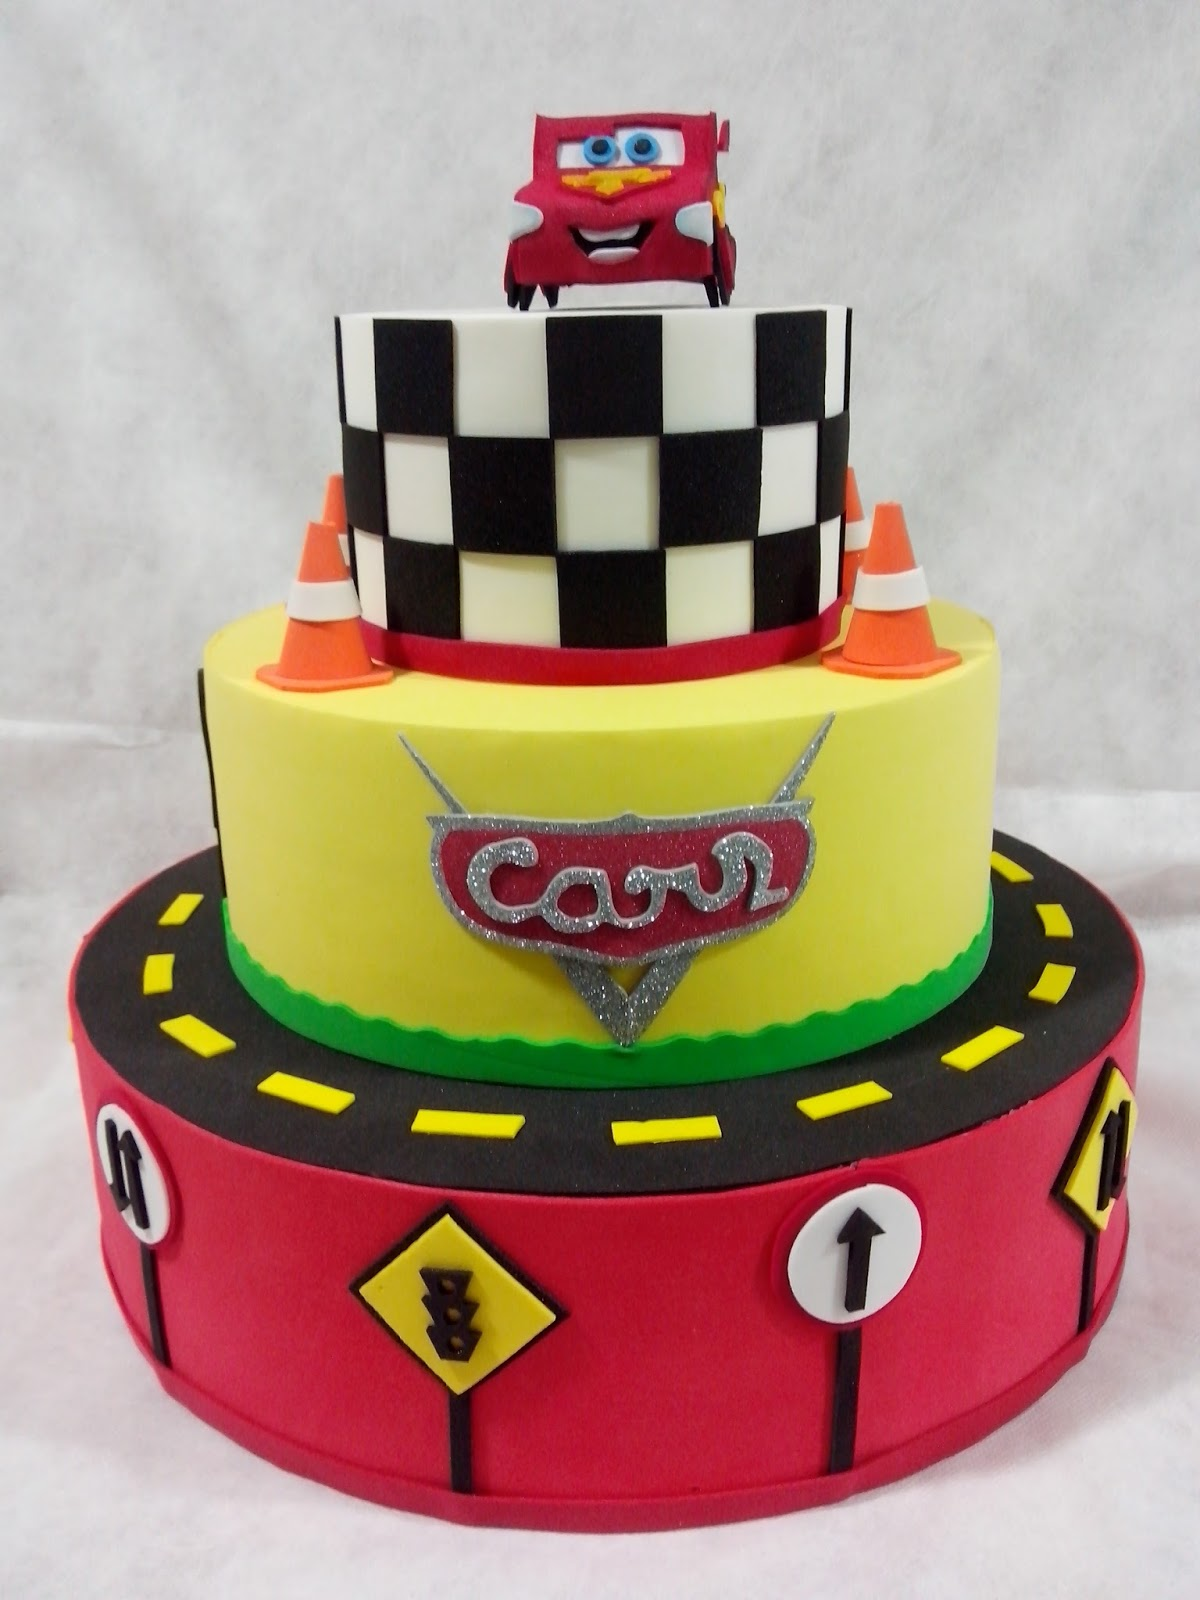 Cake Design Passo A Passo : Festa Carros Disney - Bolos ~ Mamae festeira blog